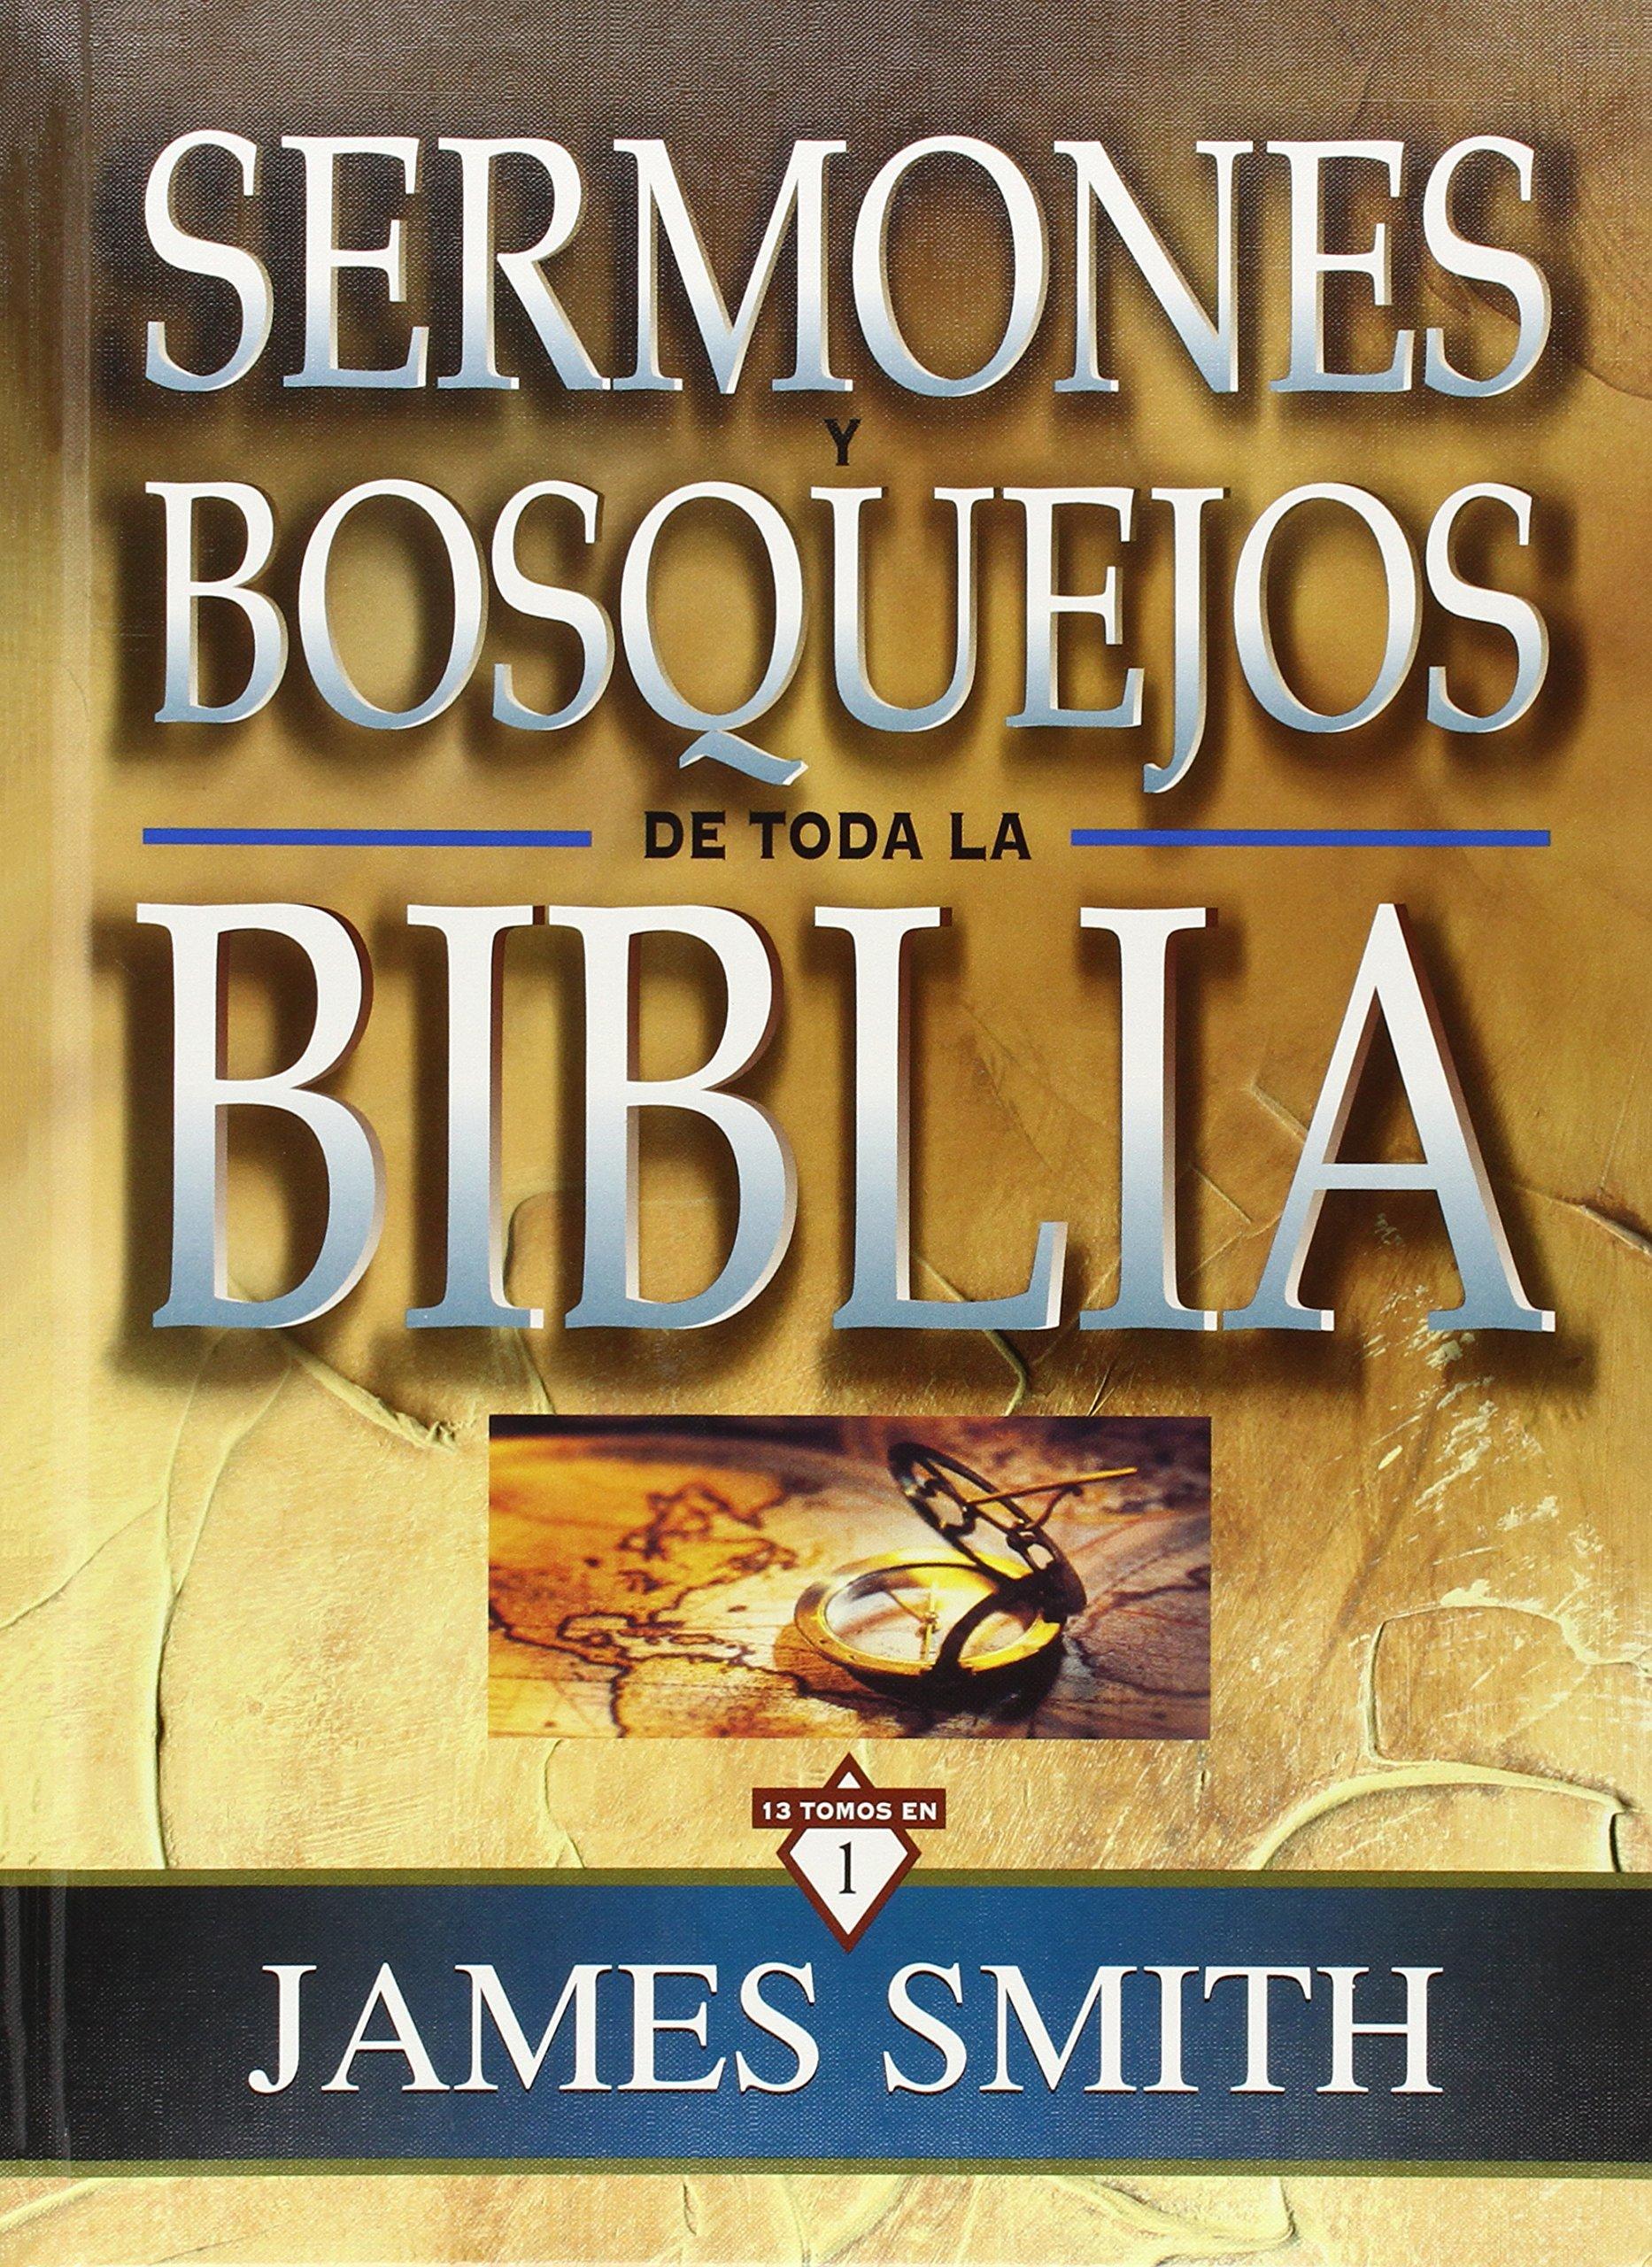 Sermones y bosquejos de toda la Biblia, 13 tomos en 1 (Spanish Edition):  James K. Smith: 9788482674902: Amazon.com: Books